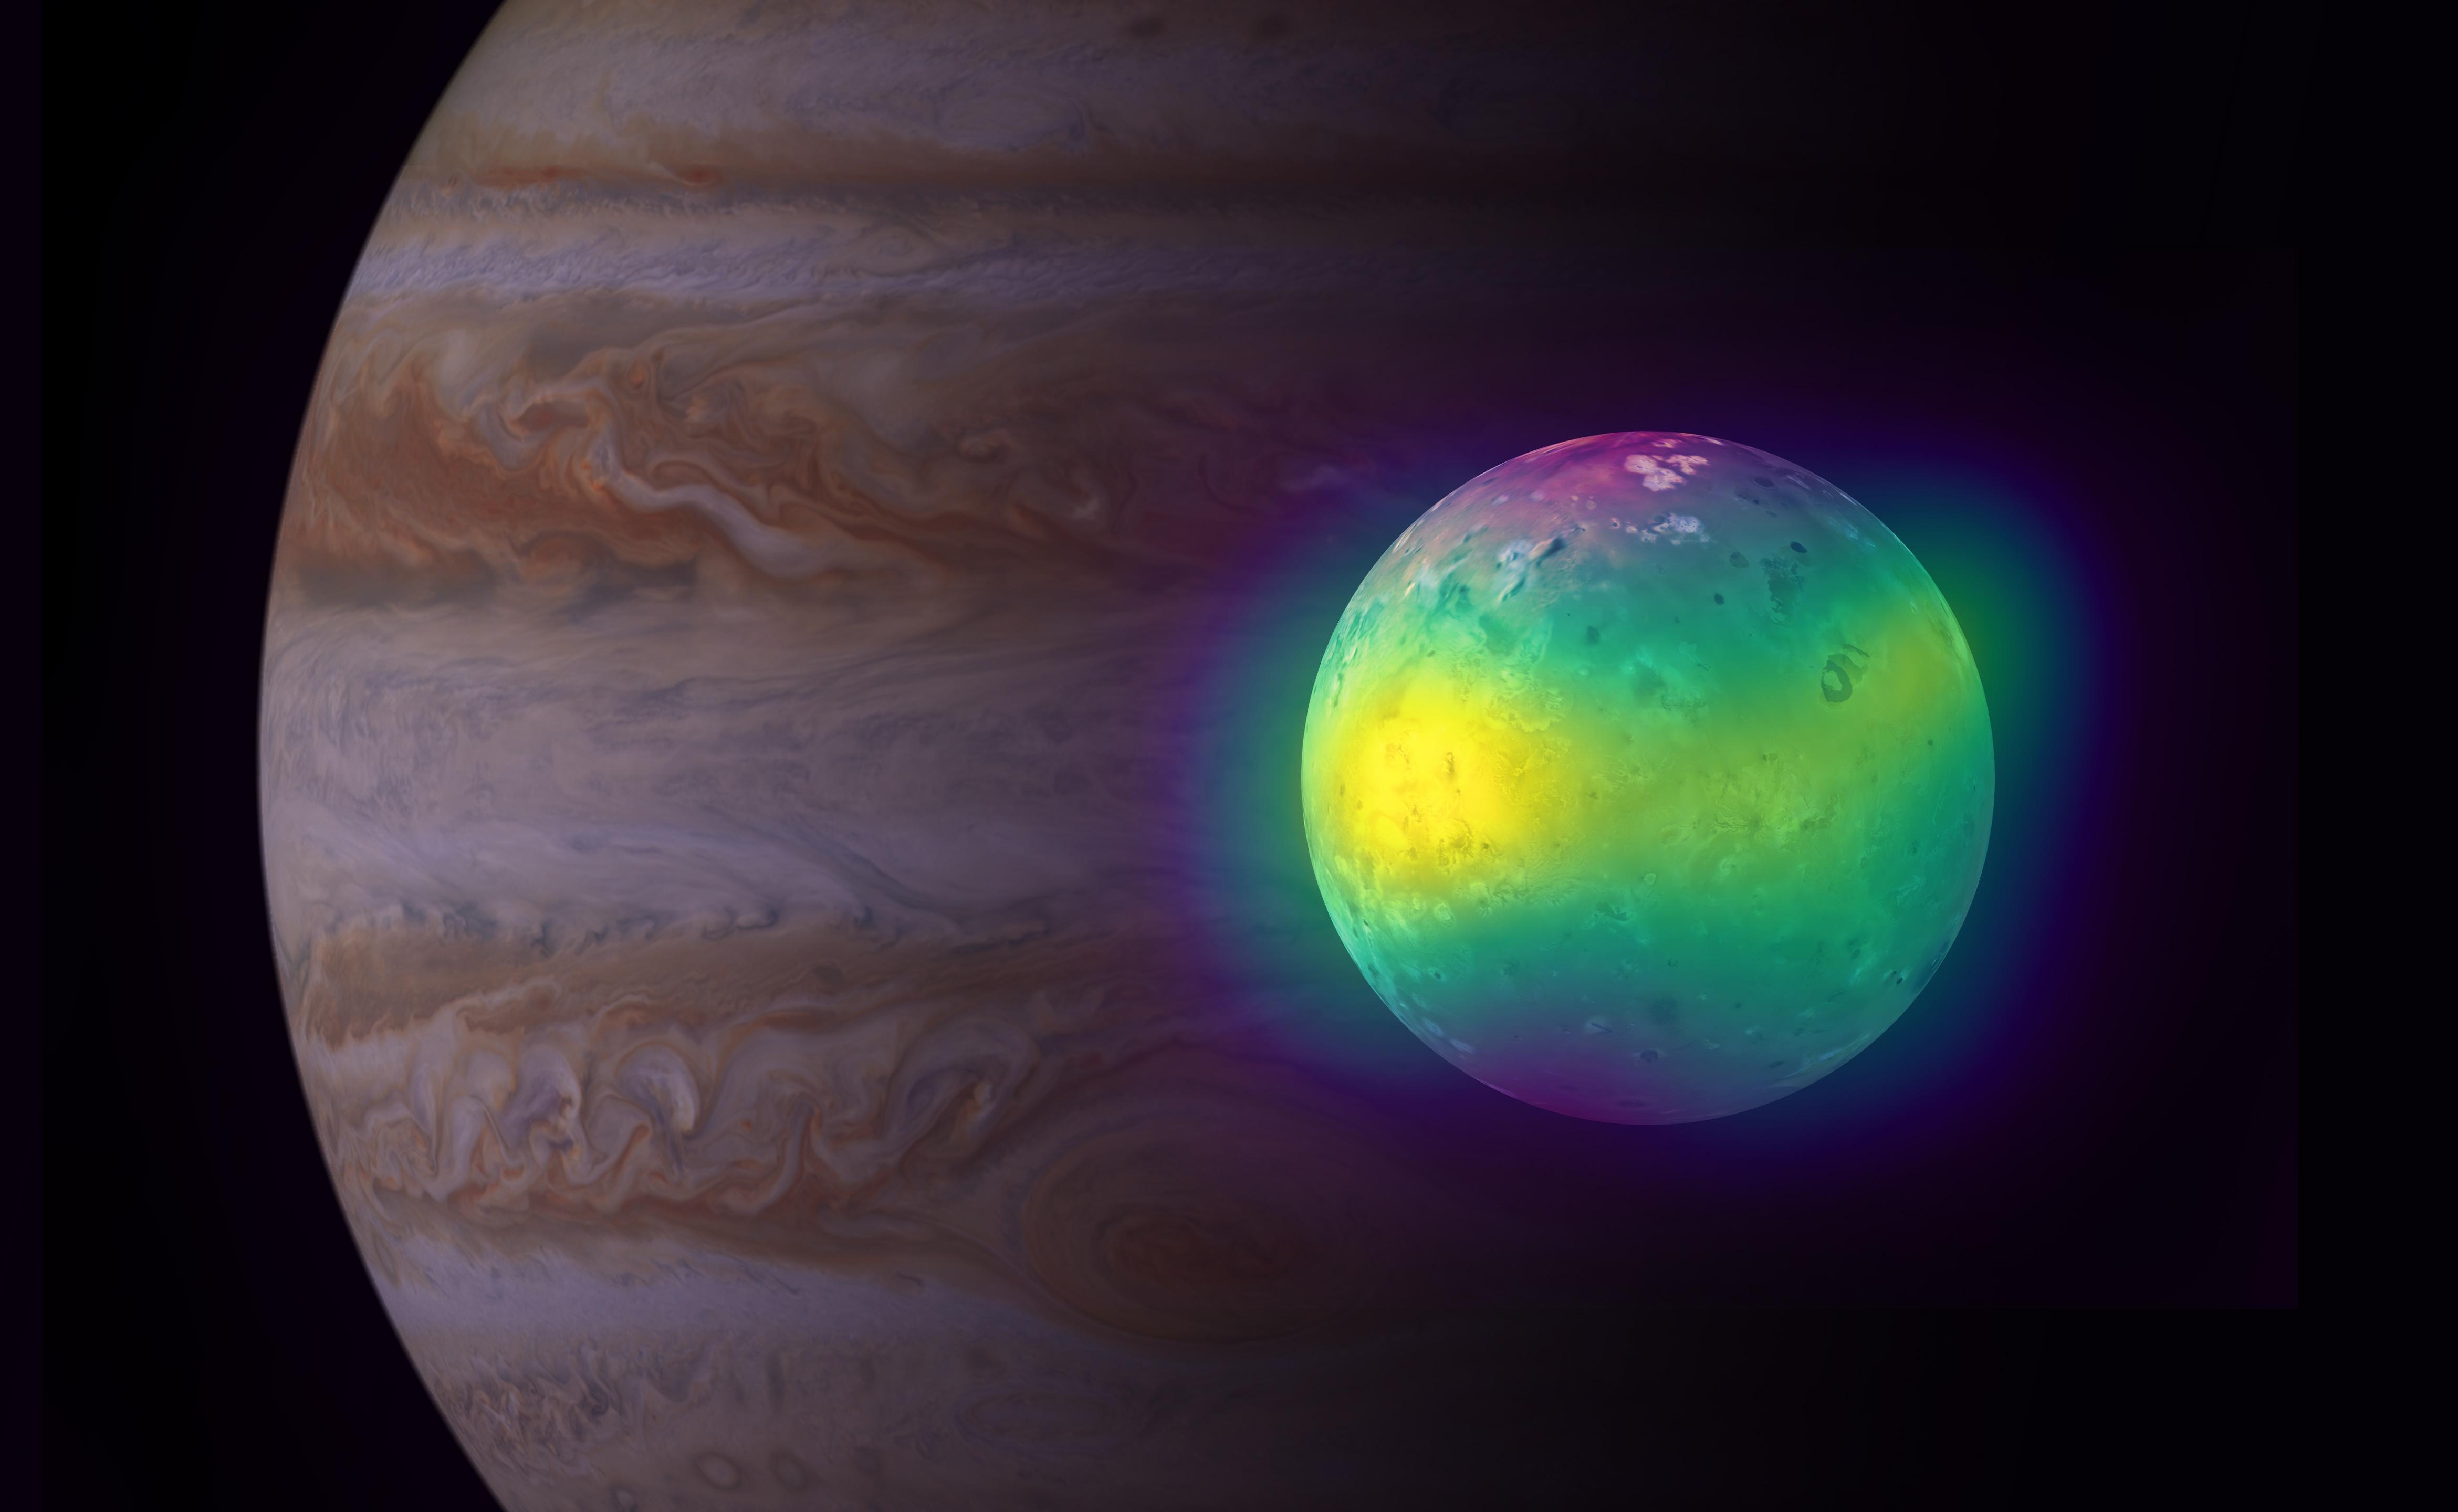 Астрономы объяснили происхождение атмосферы спутника Ио